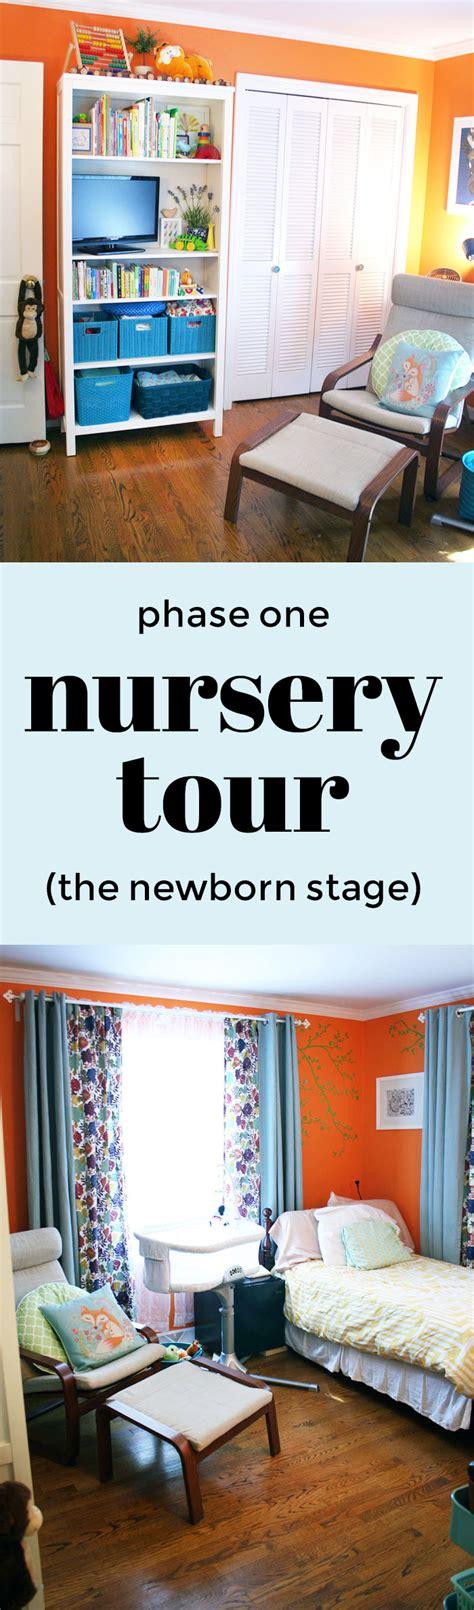 nursery phase 1 slaughterhouse blog nursery phase 1 slaughterhouse blog